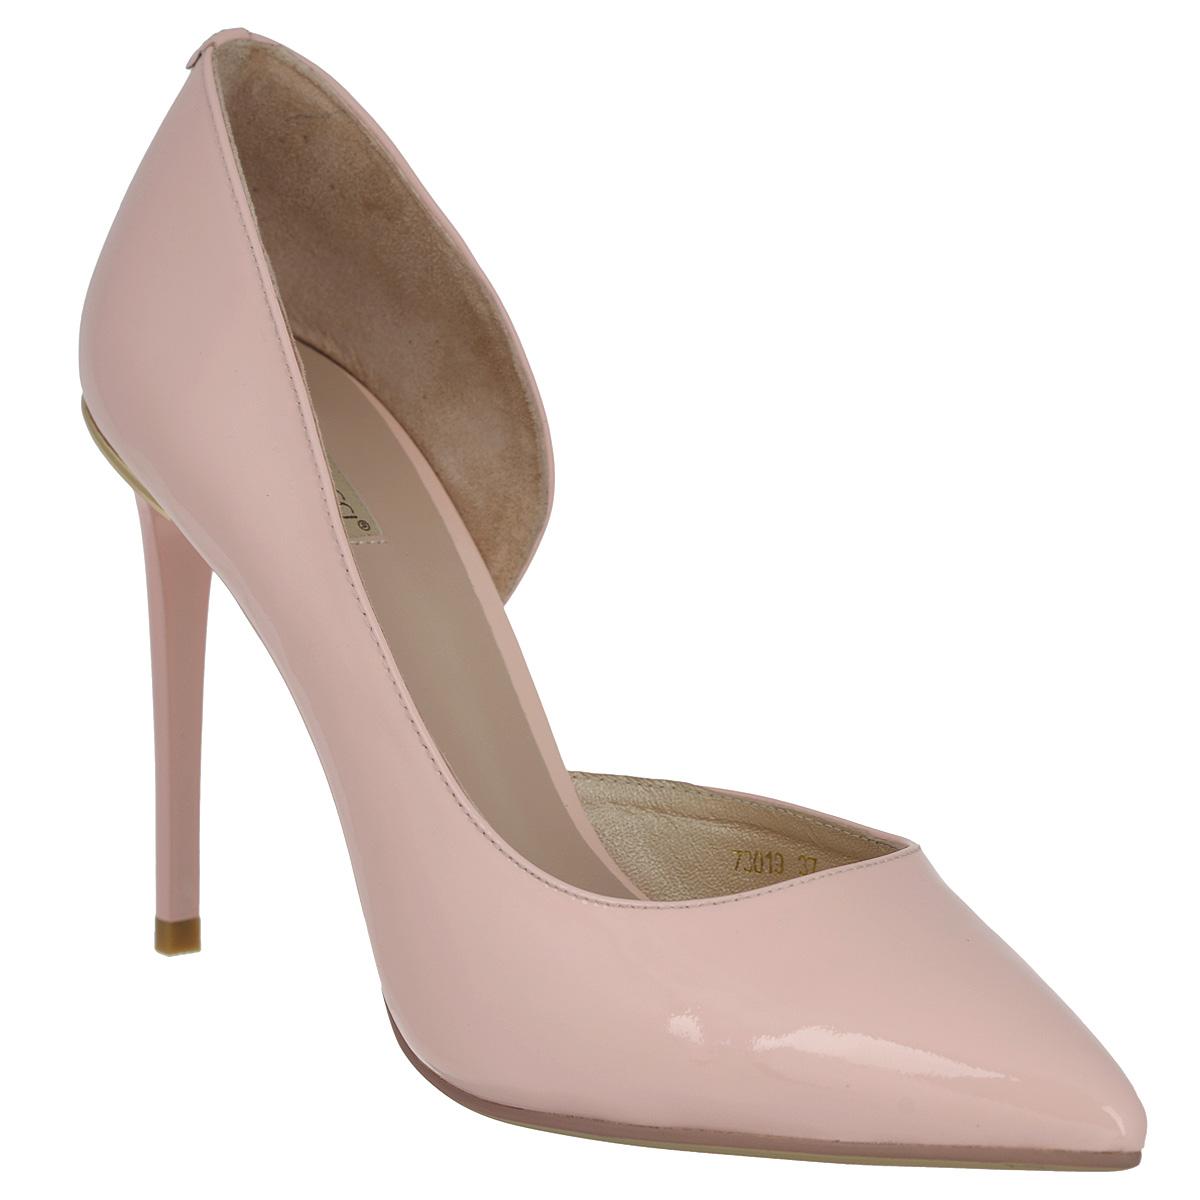 Туфли женские. 730173017Ультрамодные женские туфли Vitacci покорят вас с первого взгляда. Модель изготовлена из натуральной лакированной кожи. Задник декорирован оригинальным металлическим украшением с логотипом бренда. Одна из боковых сторон оформлена вырезом. Зауженный носок добавит женственности в ваш образ. Стелька из натуральной кожи позволит ногам дышать. Высокий каблук-шпилька компенсирован скрытой платформой. Подошва дополнена рифлением для лучшей сцепки с поверхностью. Модные туфли займут достойное место среди вашей коллекции обуви.